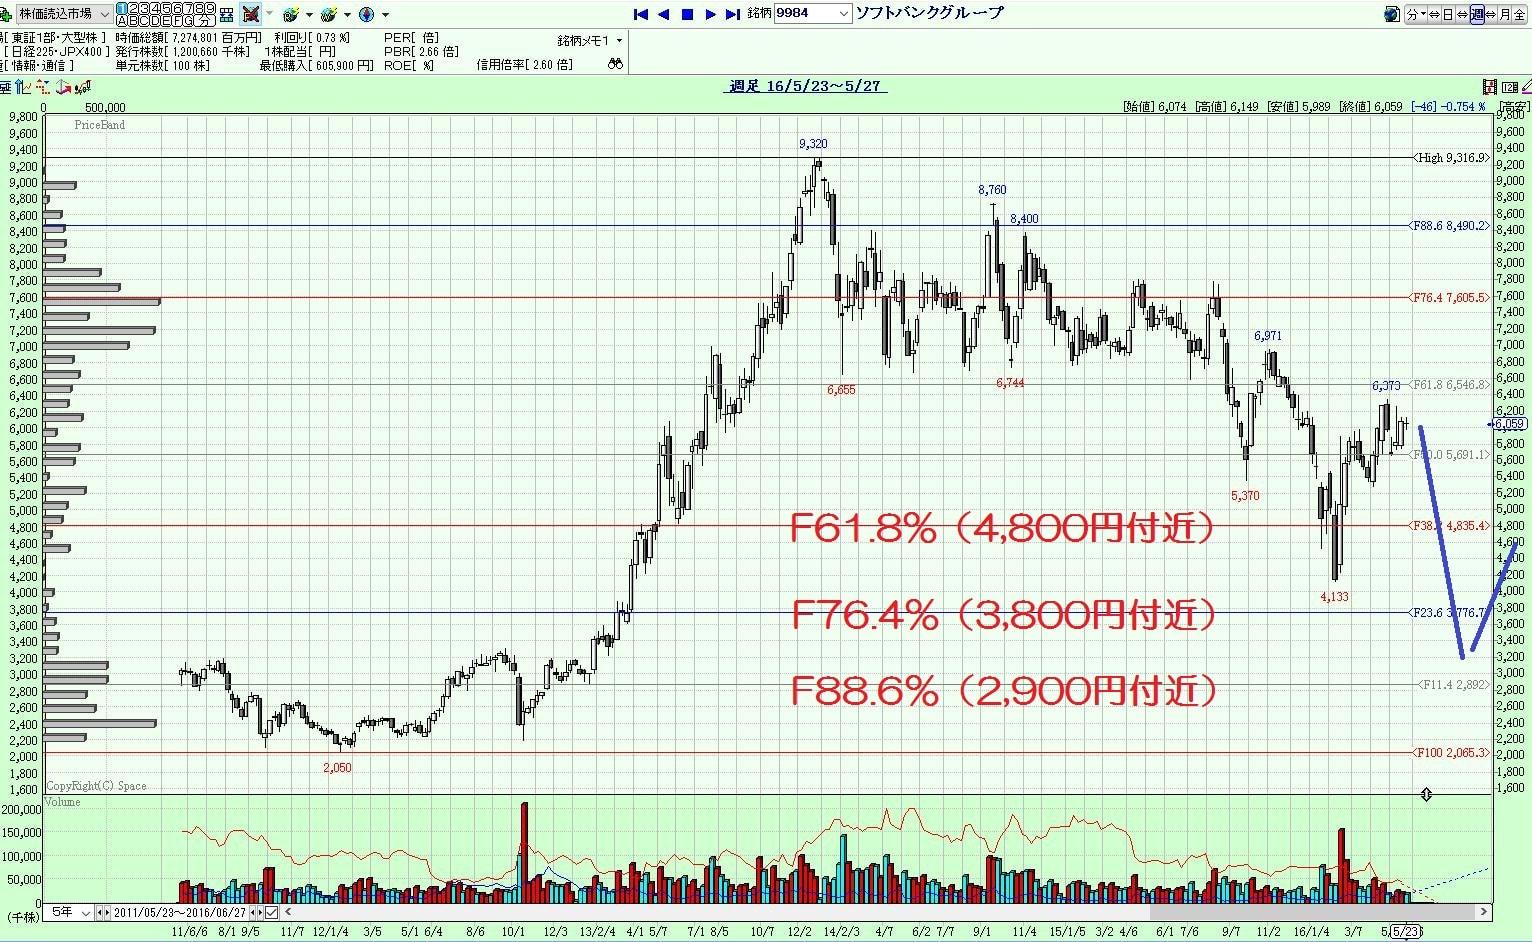 16.5.25ソフトバンク株価-リトレースメント-min